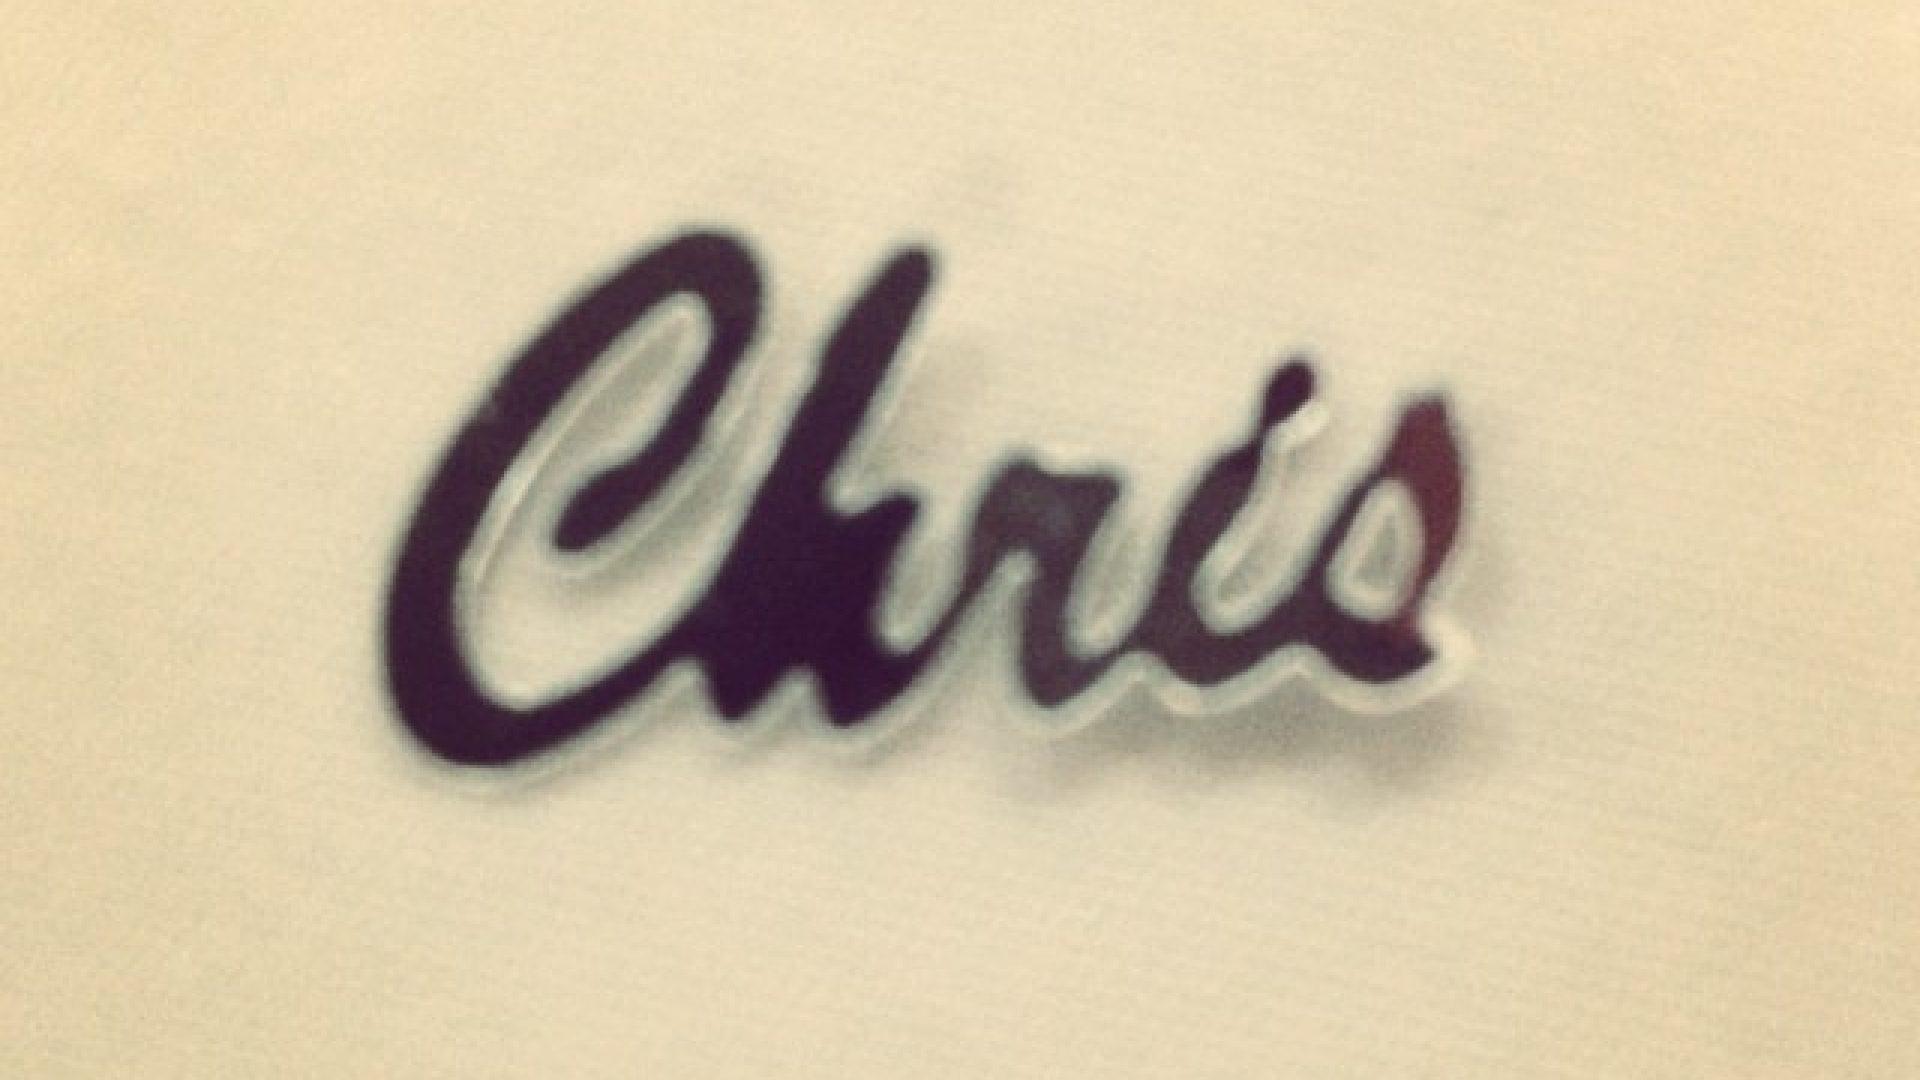 Christopher DiRaddo